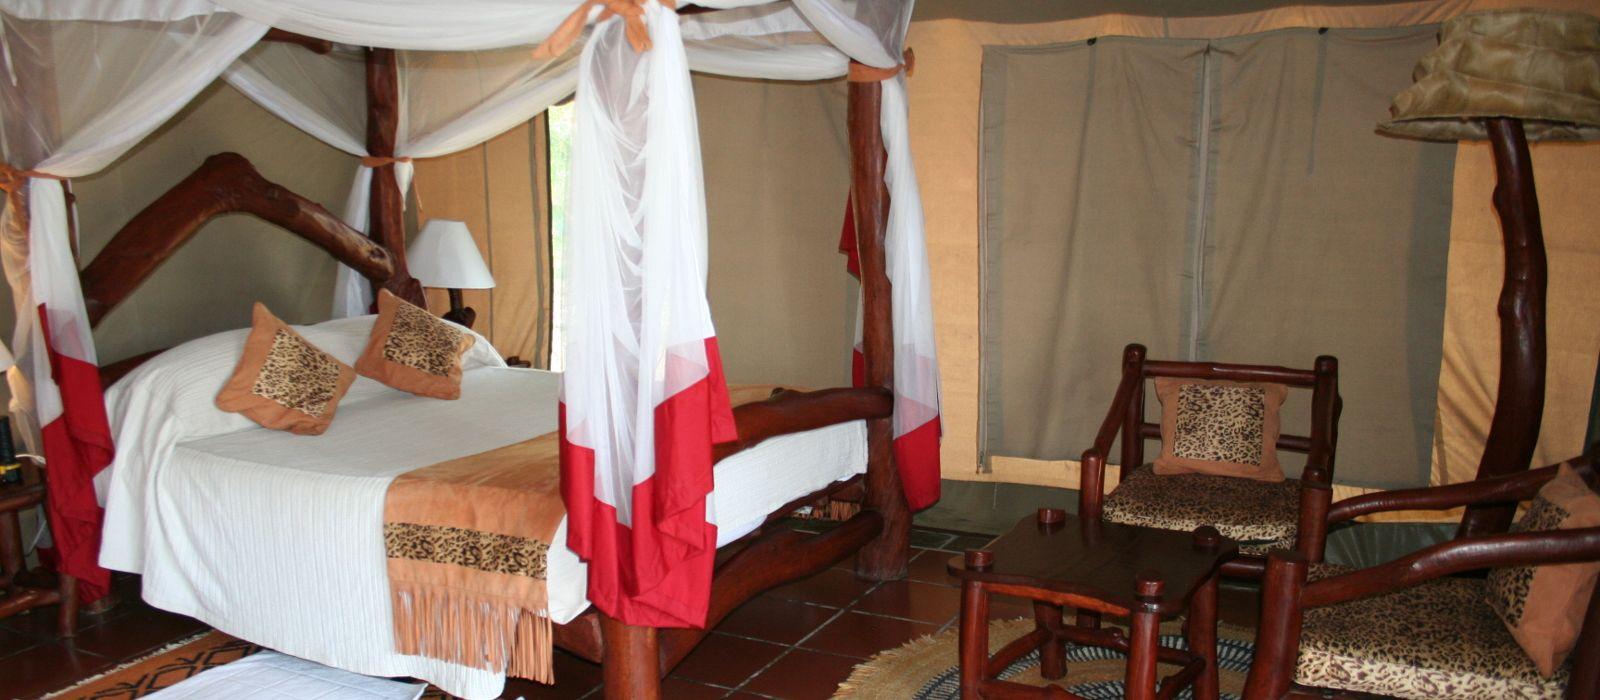 Hotel Mbuzi Mawe Tanzania